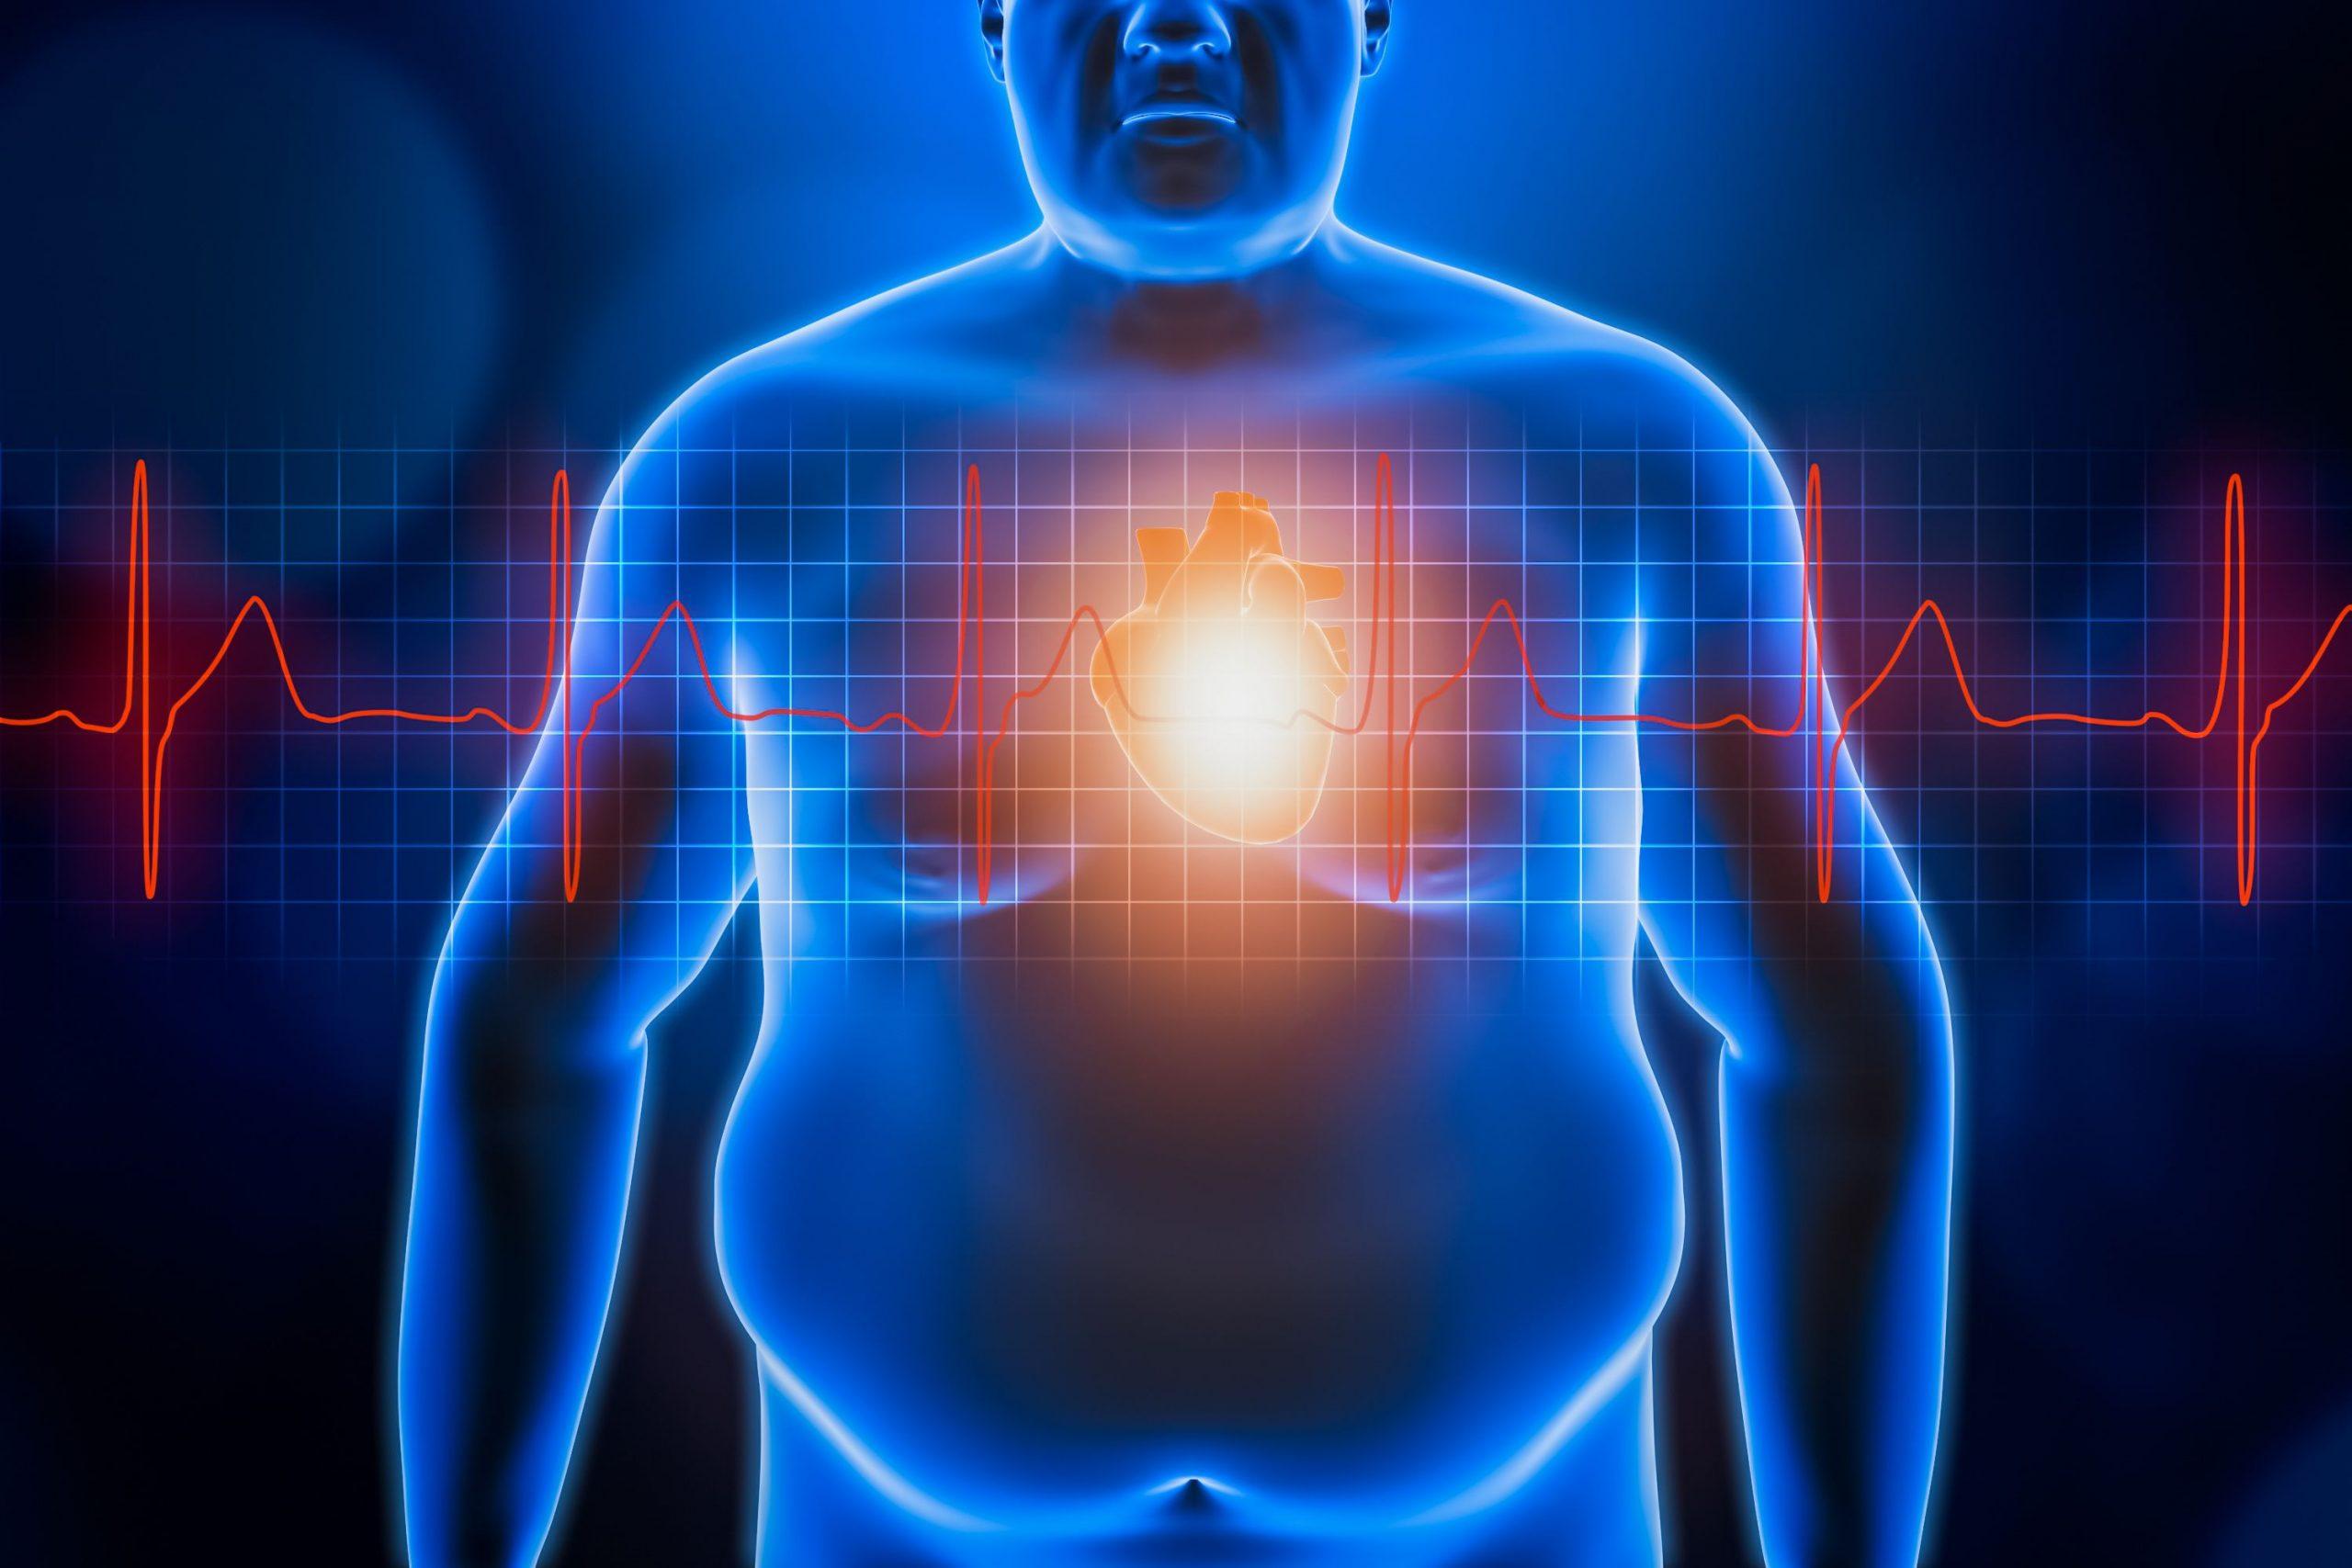 Παχυσαρκία έρευνα μεταμόσχευση: Πως η παχυσαρκία επιδεινώνει τη λειτουργία του μοσχεύματος